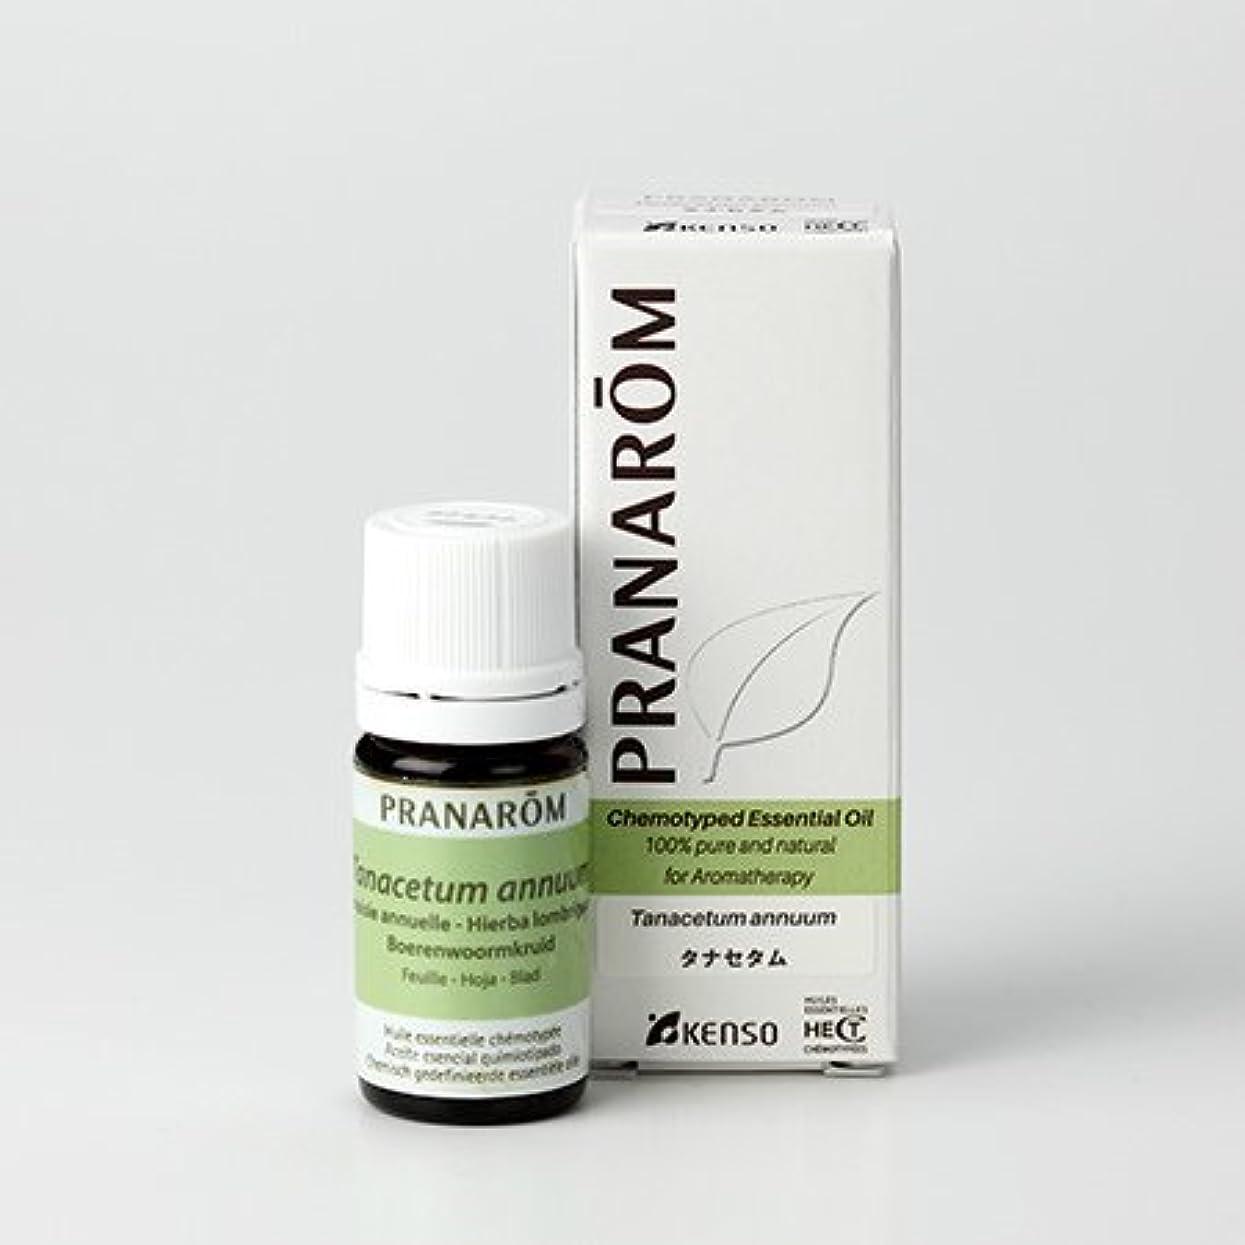 スクリュータールエスカレーター【タナセタム 5ml】→甘みのある、濃厚でフルーティな香り?(リラックスハーブ系)[PRANAROM(プラナロム)精油/アロマオイル/エッセンシャルオイル]P-173